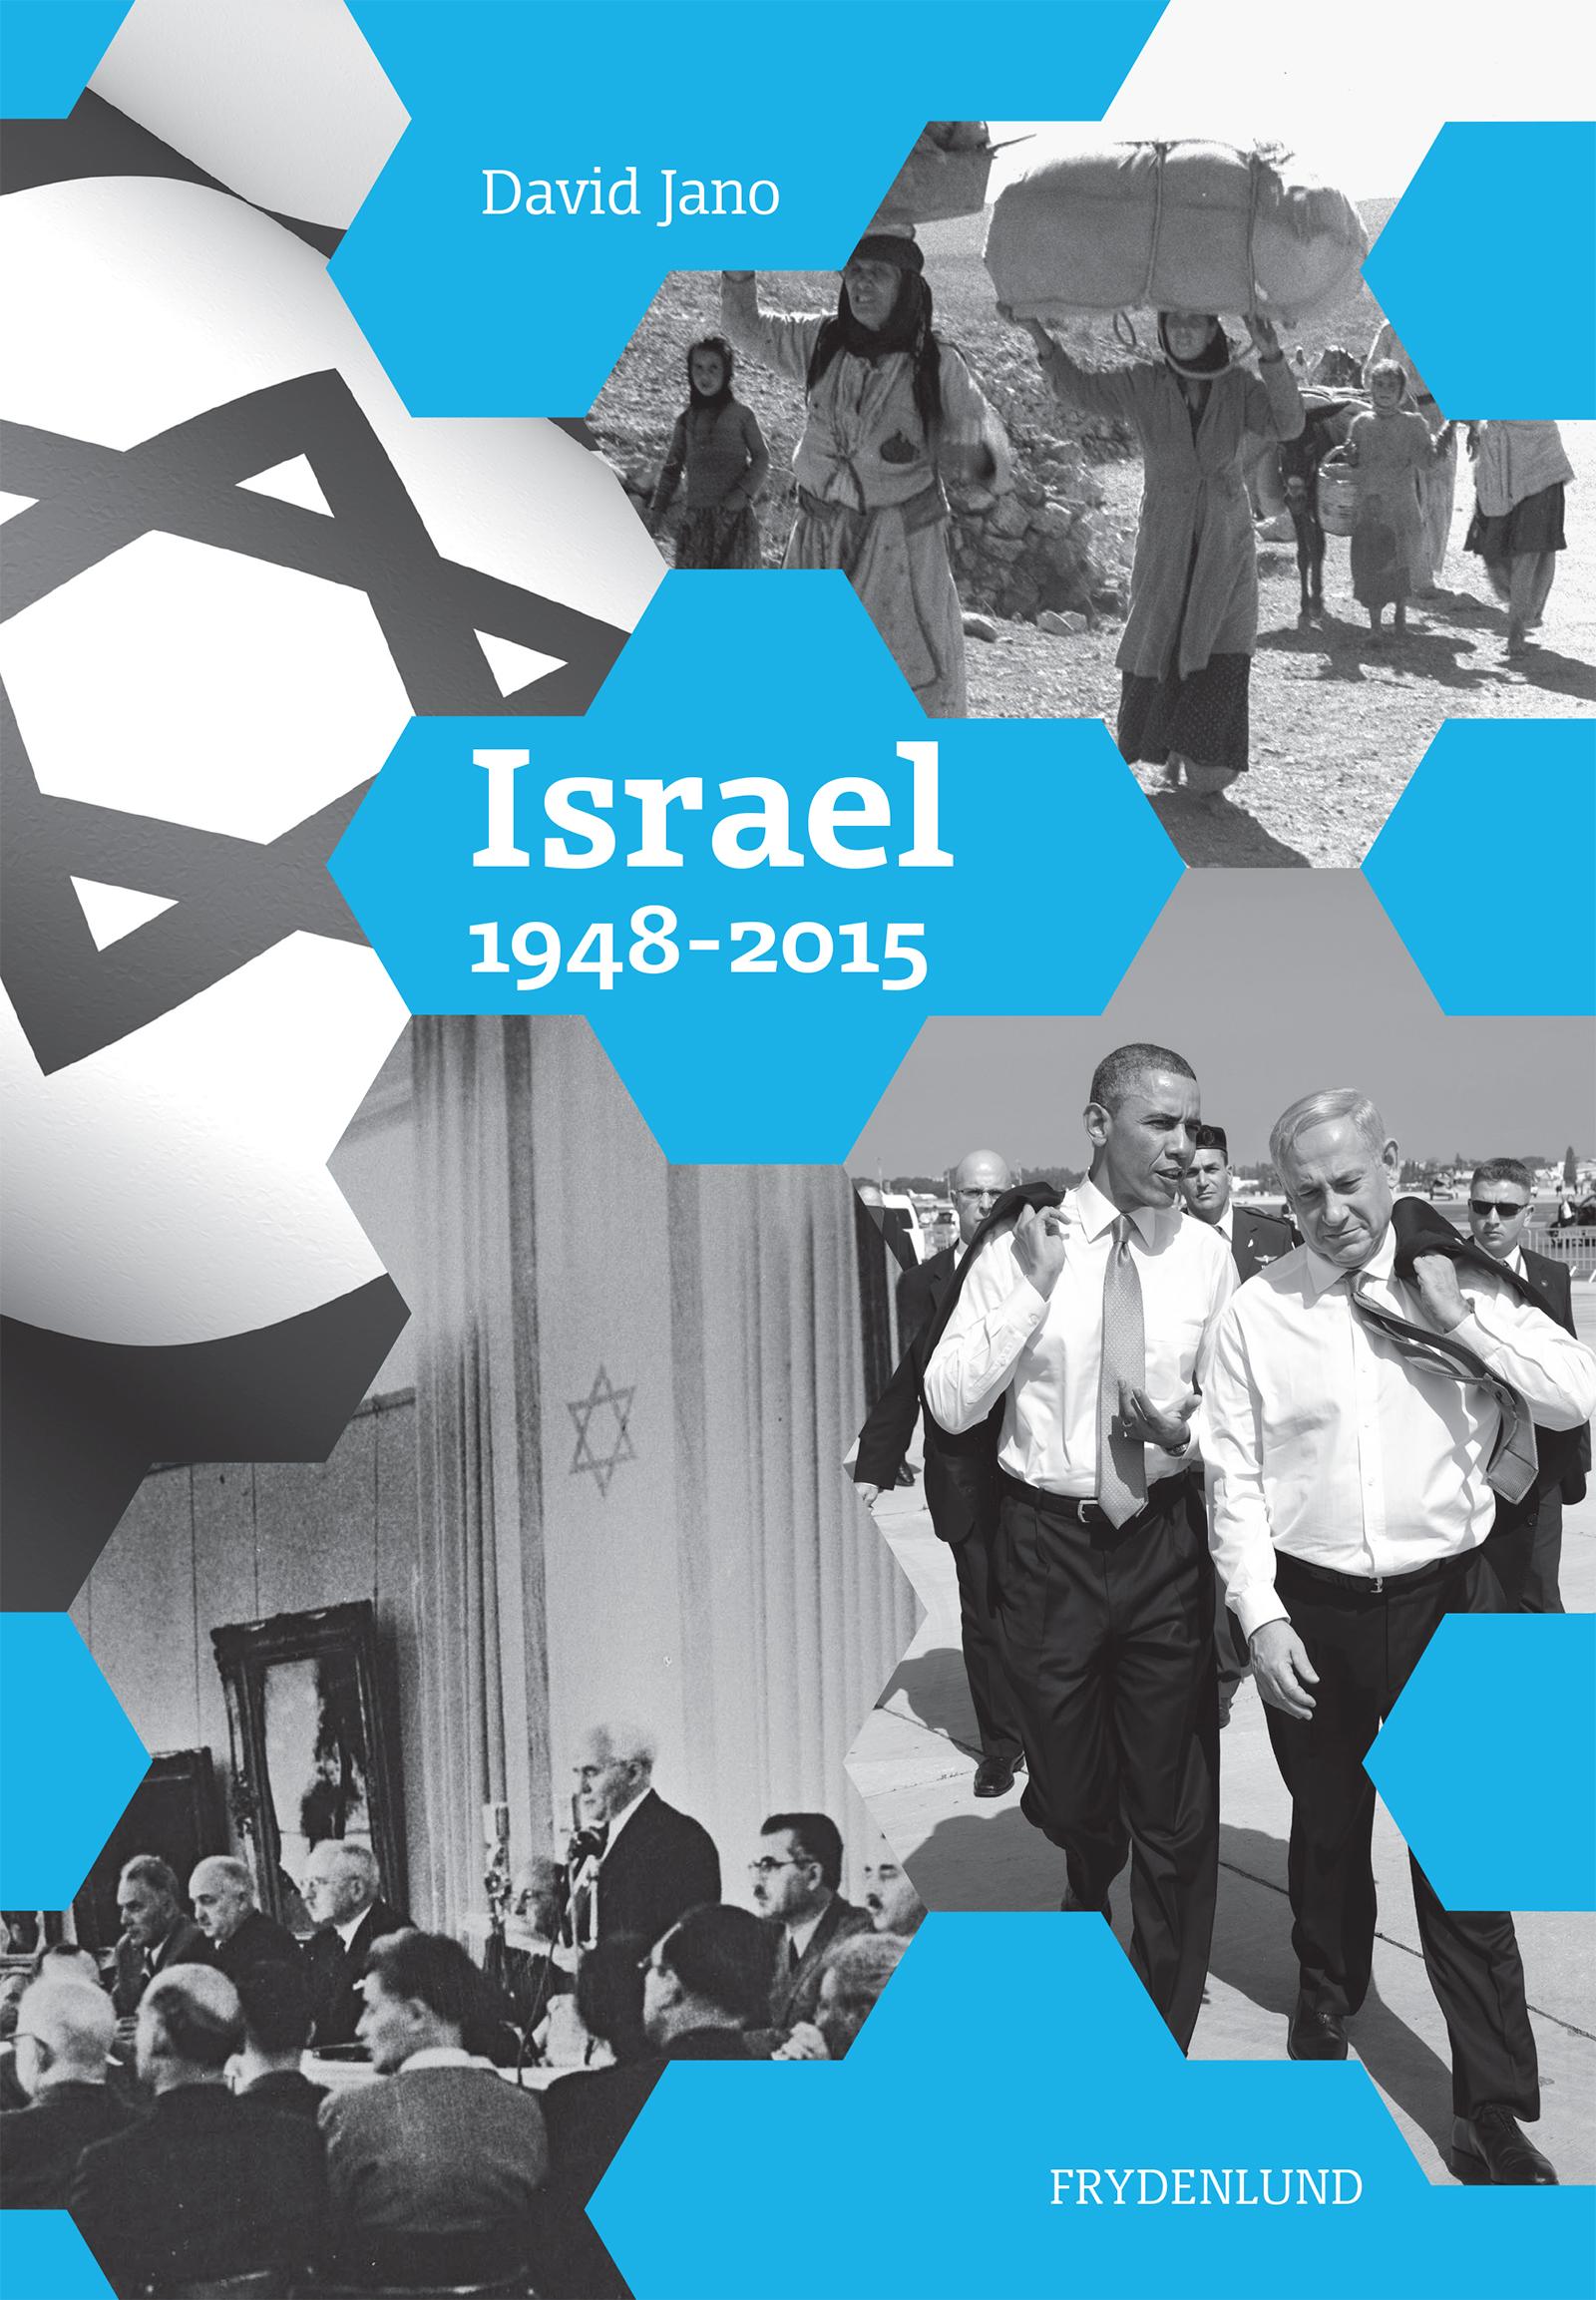 israel palæstina konflikten kilder